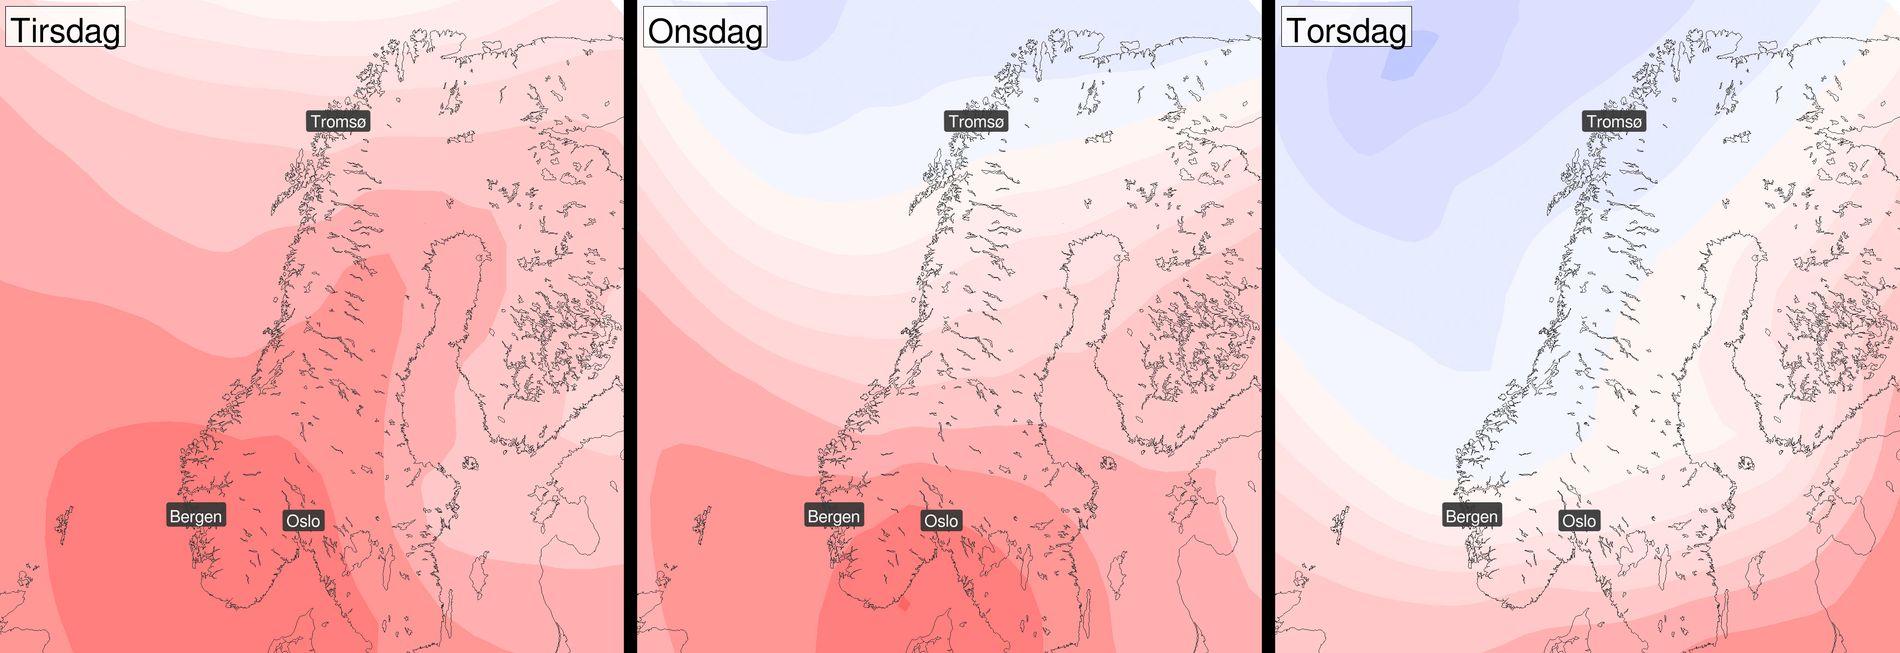 KULDE PÅ VEI: Slik ser temperaturkartet ut - fra tirsdag, onsdag og torsdag. Kulda er tilbake!